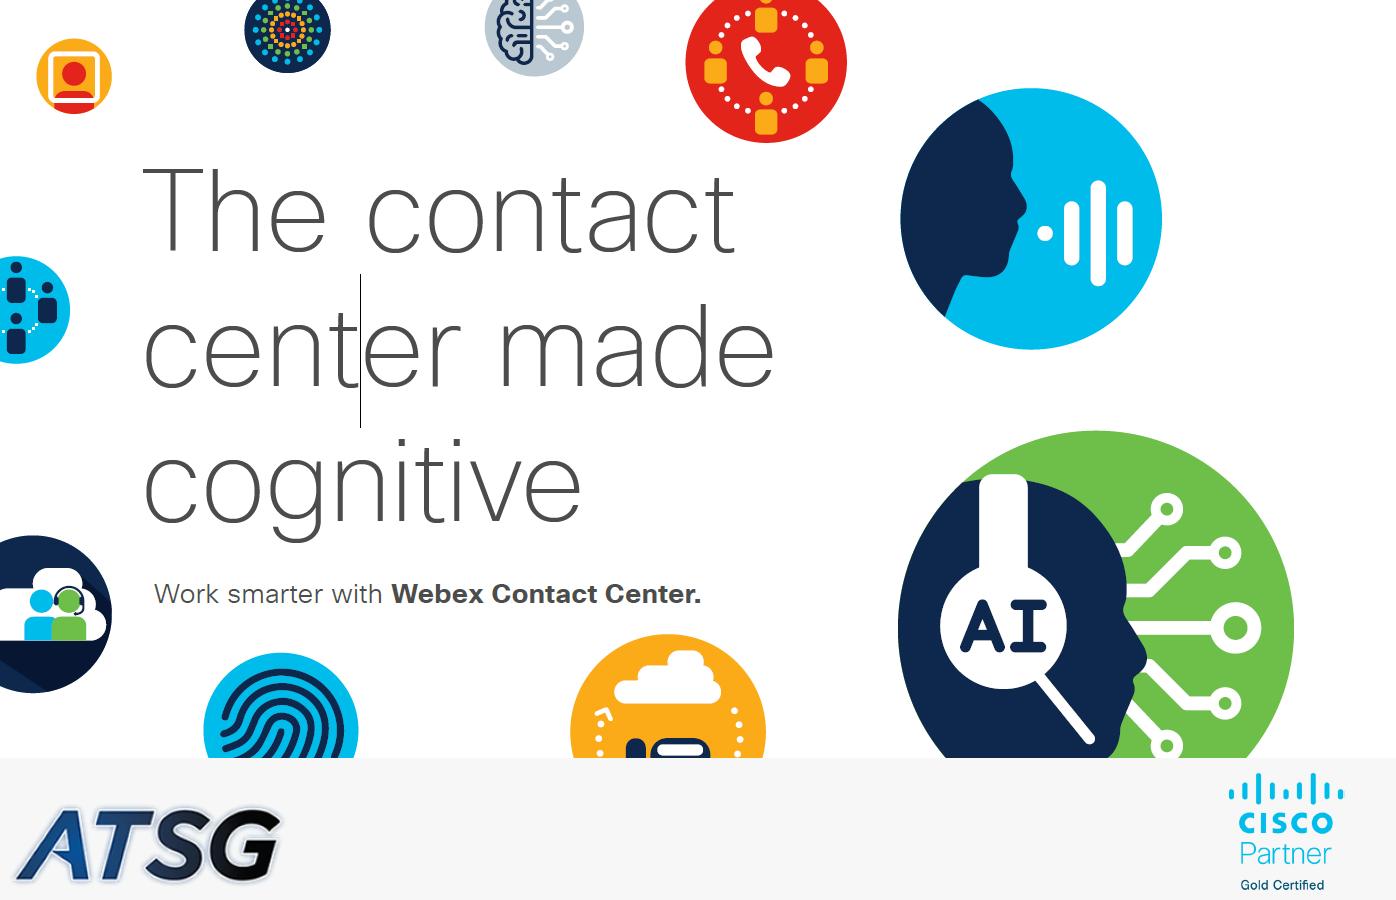 Contact Center Made Collaborative EBook Cover